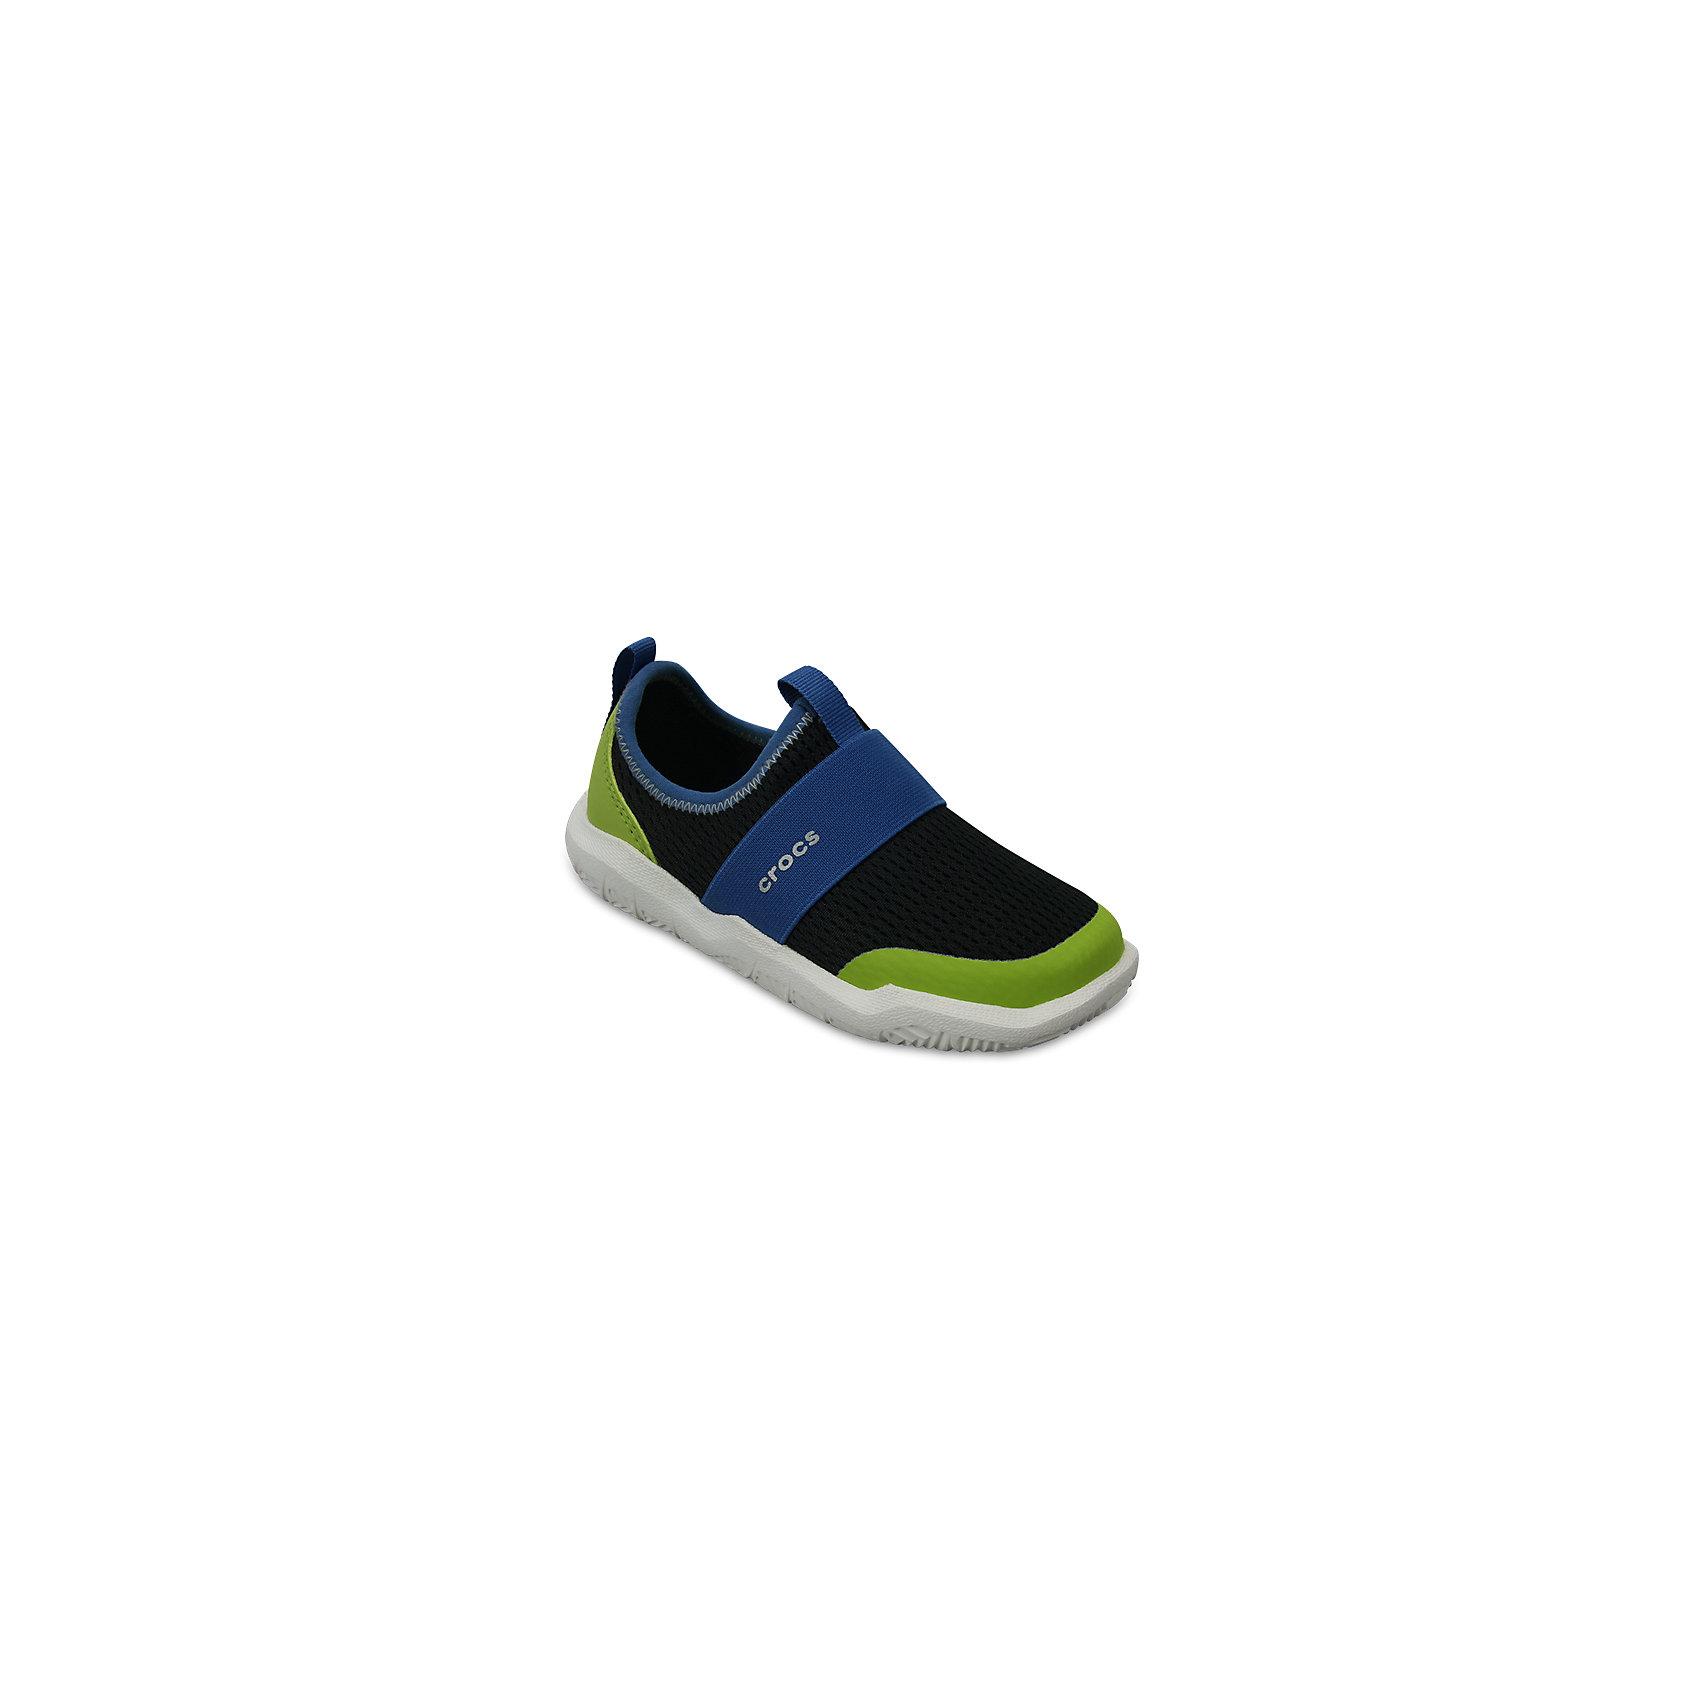 Кроссовки Kids Swiftwater Easy-On Shoes, черный, зеленыйКроссовки<br>Характеристики:<br><br>• цвет: черный, зеленый<br>• материал: верх - текстиль, низ - 100% полимер Croslite™<br>• дышащая сетка-меш для удобства надевания и снимания<br>• модная эластичная вставка сверху<br>• сезон: демисезон, лето<br>• легкий сетчатый материал; носок усилен тканью <br>• эластичный ремешок для более удобной посадки и надежной фиксации<br>• петля на заднике для удобства надевания<br>• стелька Croslite™<br><br>Продукция Crocs - это качественные товары, созданные с применением новейших технологий. <br><br>Обувь отличается стильным дизайном и продуманной конструкцией. <br><br>Изделие производится из качественных и проверенных материалов, которые безопасны для детей.<br><br>Кроссовки Kids Swiftwater Easy-On Shoes от торговой марки Crocs можно купить в нашем интернет-магазине.<br><br>Ширина мм: 250<br>Глубина мм: 150<br>Высота мм: 150<br>Вес г: 250<br>Цвет: черный<br>Возраст от месяцев: 36<br>Возраст до месяцев: 48<br>Пол: Унисекс<br>Возраст: Детский<br>Размер: 27,34/35,28,29,30,23,24,25,26,31/32,33/34<br>SKU: 5417093